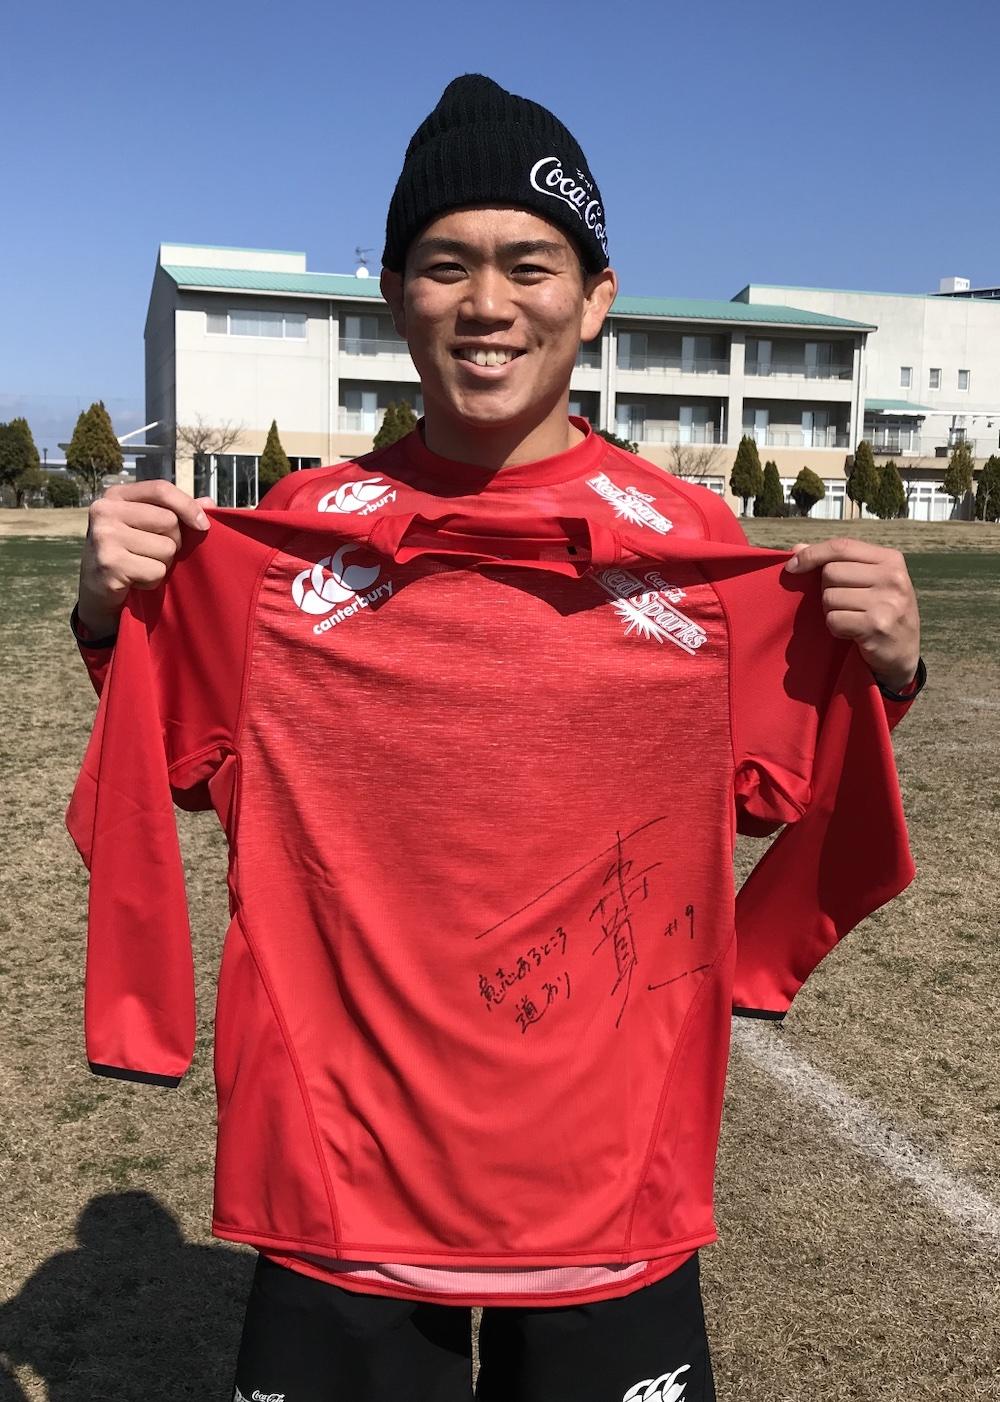 【公式】実使用・本人直筆サイン入「レッドスパークスで初めてもらった練習ウェア」木村 貴大